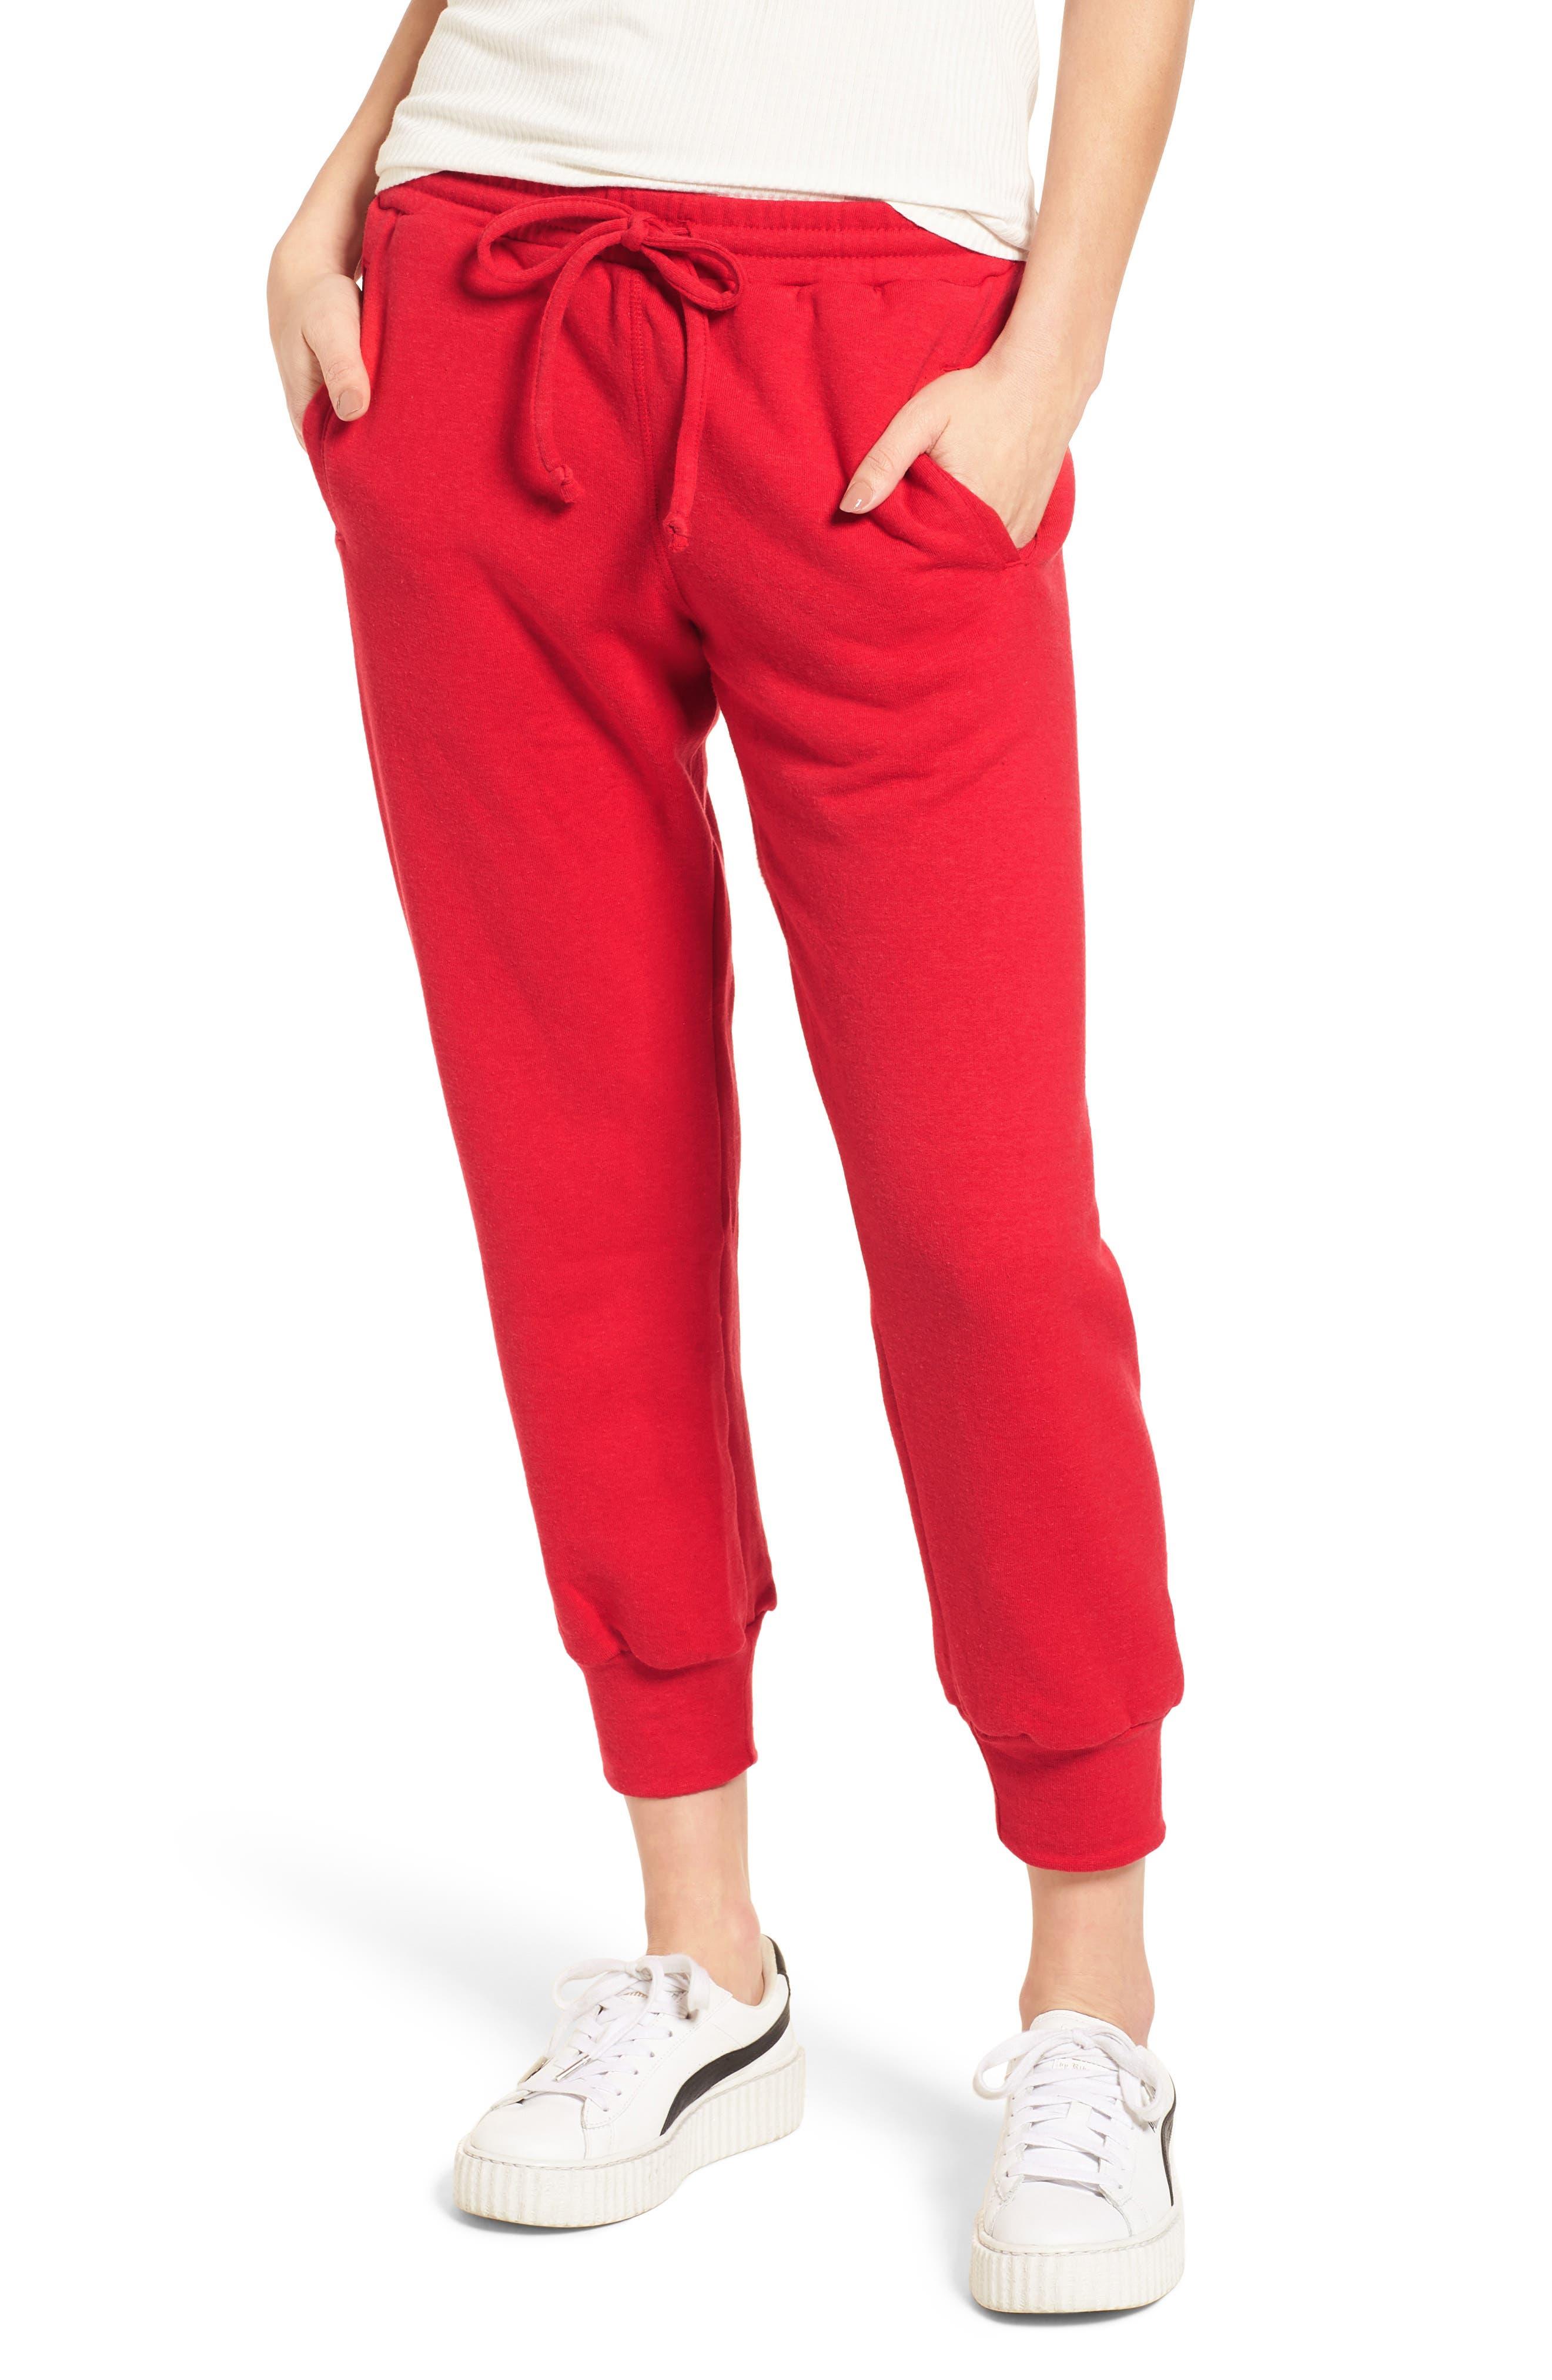 Cambridge Crop Sweatpants,                             Main thumbnail 1, color,                             Cherry